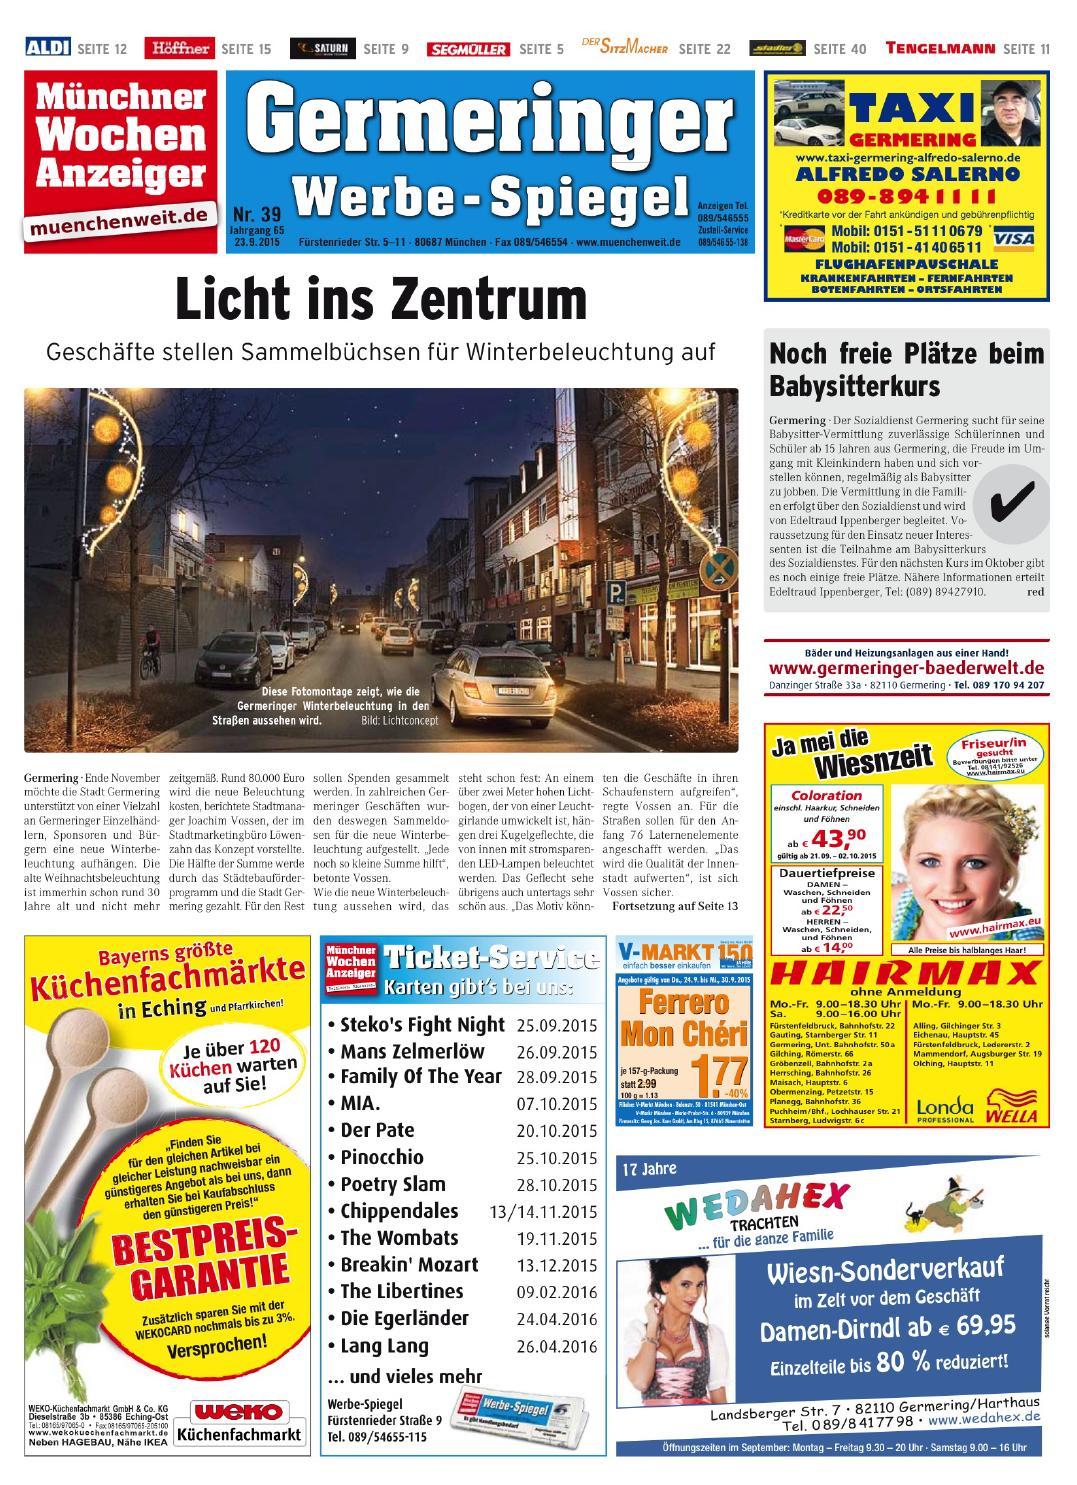 Kw 39 2015 by wochenanzeiger medien gmbh issuu for Spiegel epaper